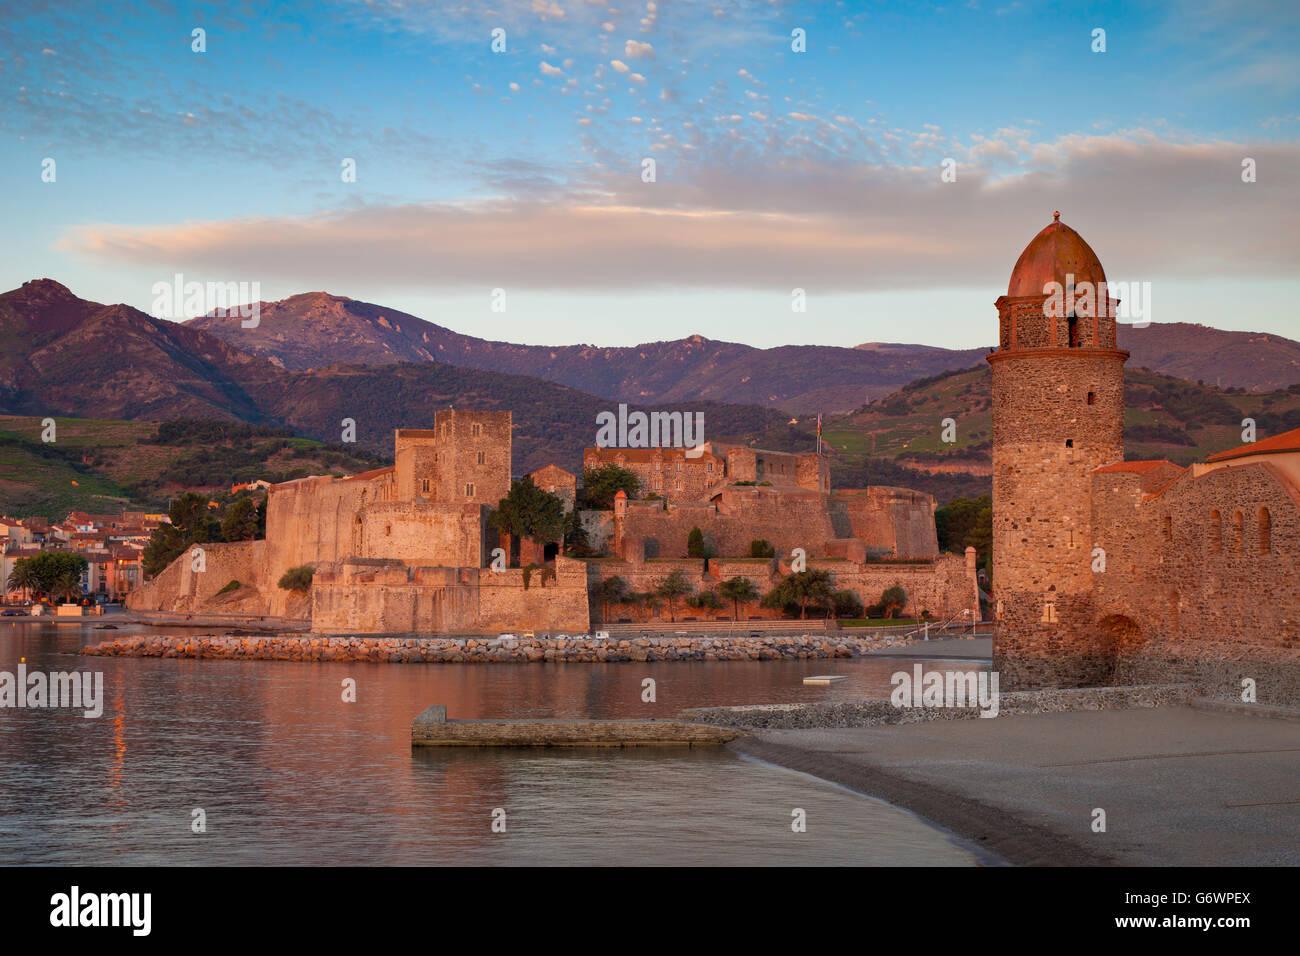 Prime luci dell alba sulla città di Collioure, Pyrenees-Orientales, Languedoc-Roussillon, Francia Immagini Stock